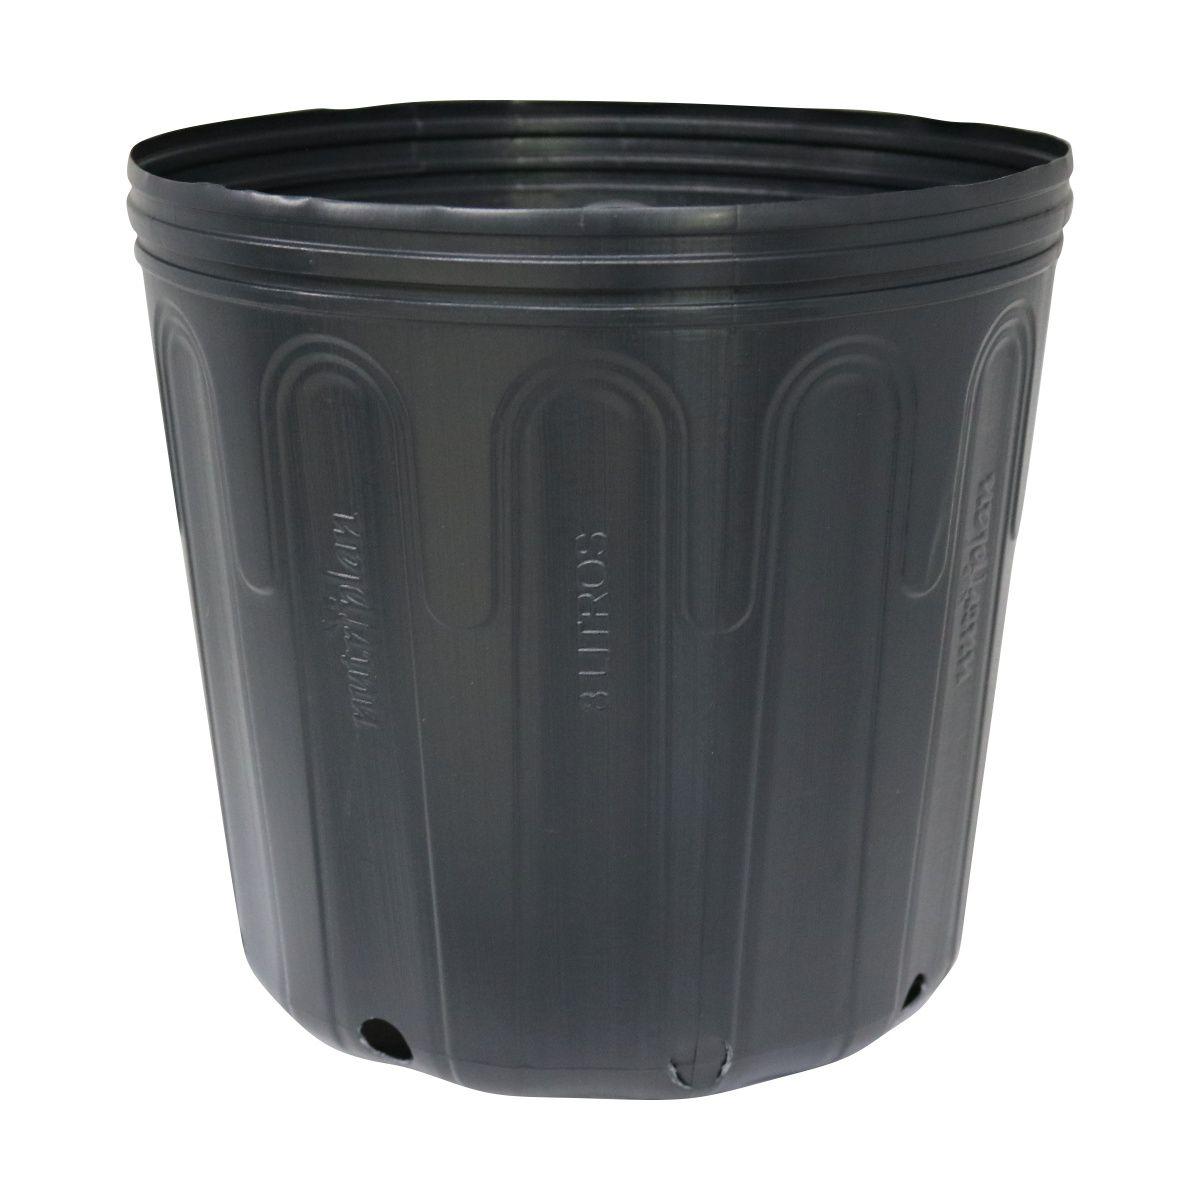 Vaso (embalagem) para muda Kit com 10 potes de 8 litros